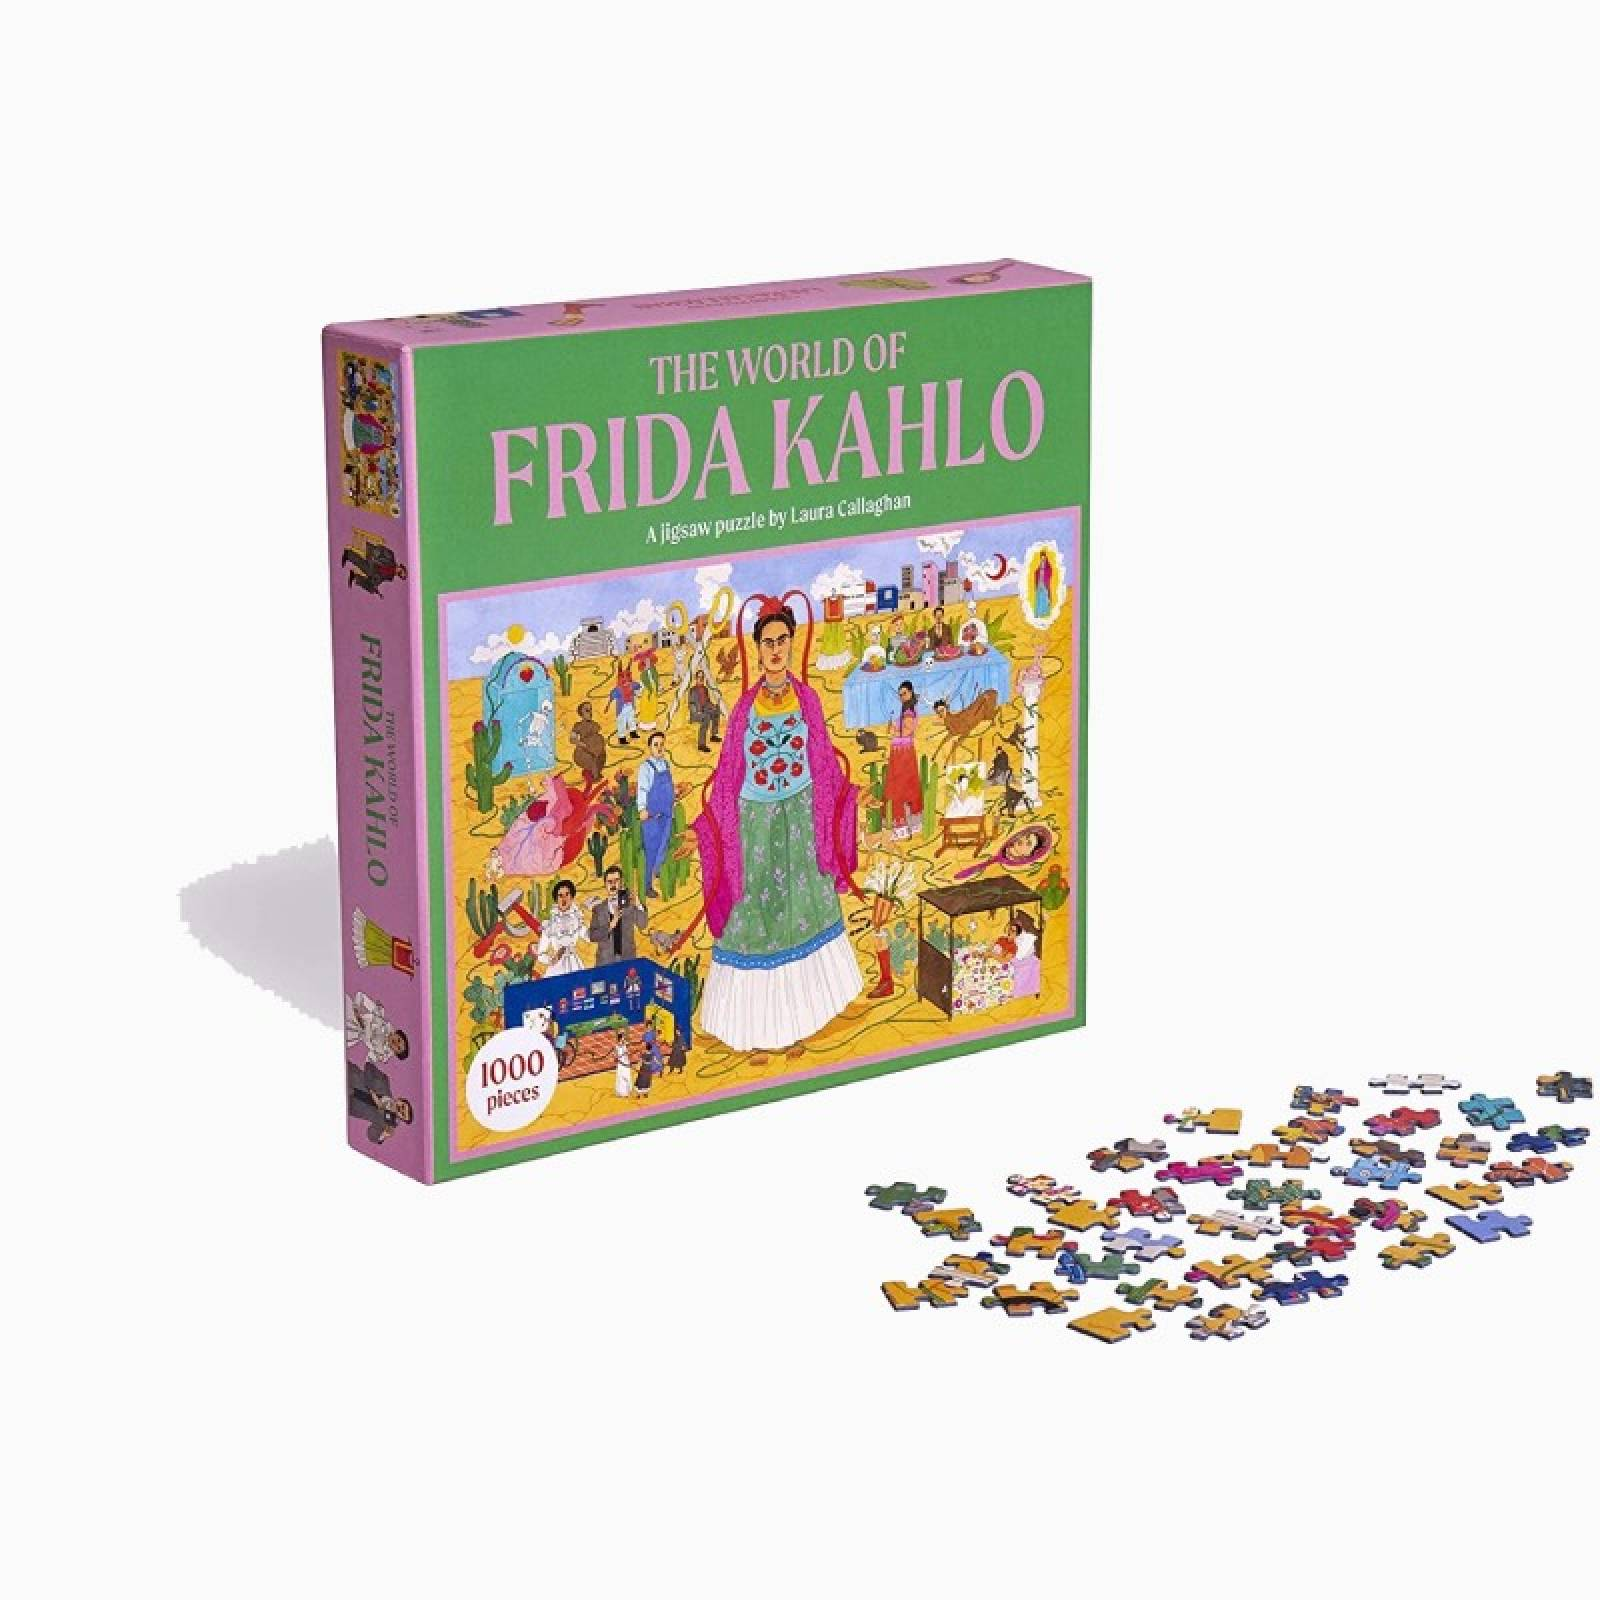 The World Of Frida Kahlo - 1000 Piece Jigsaw Puzzle thumbnails